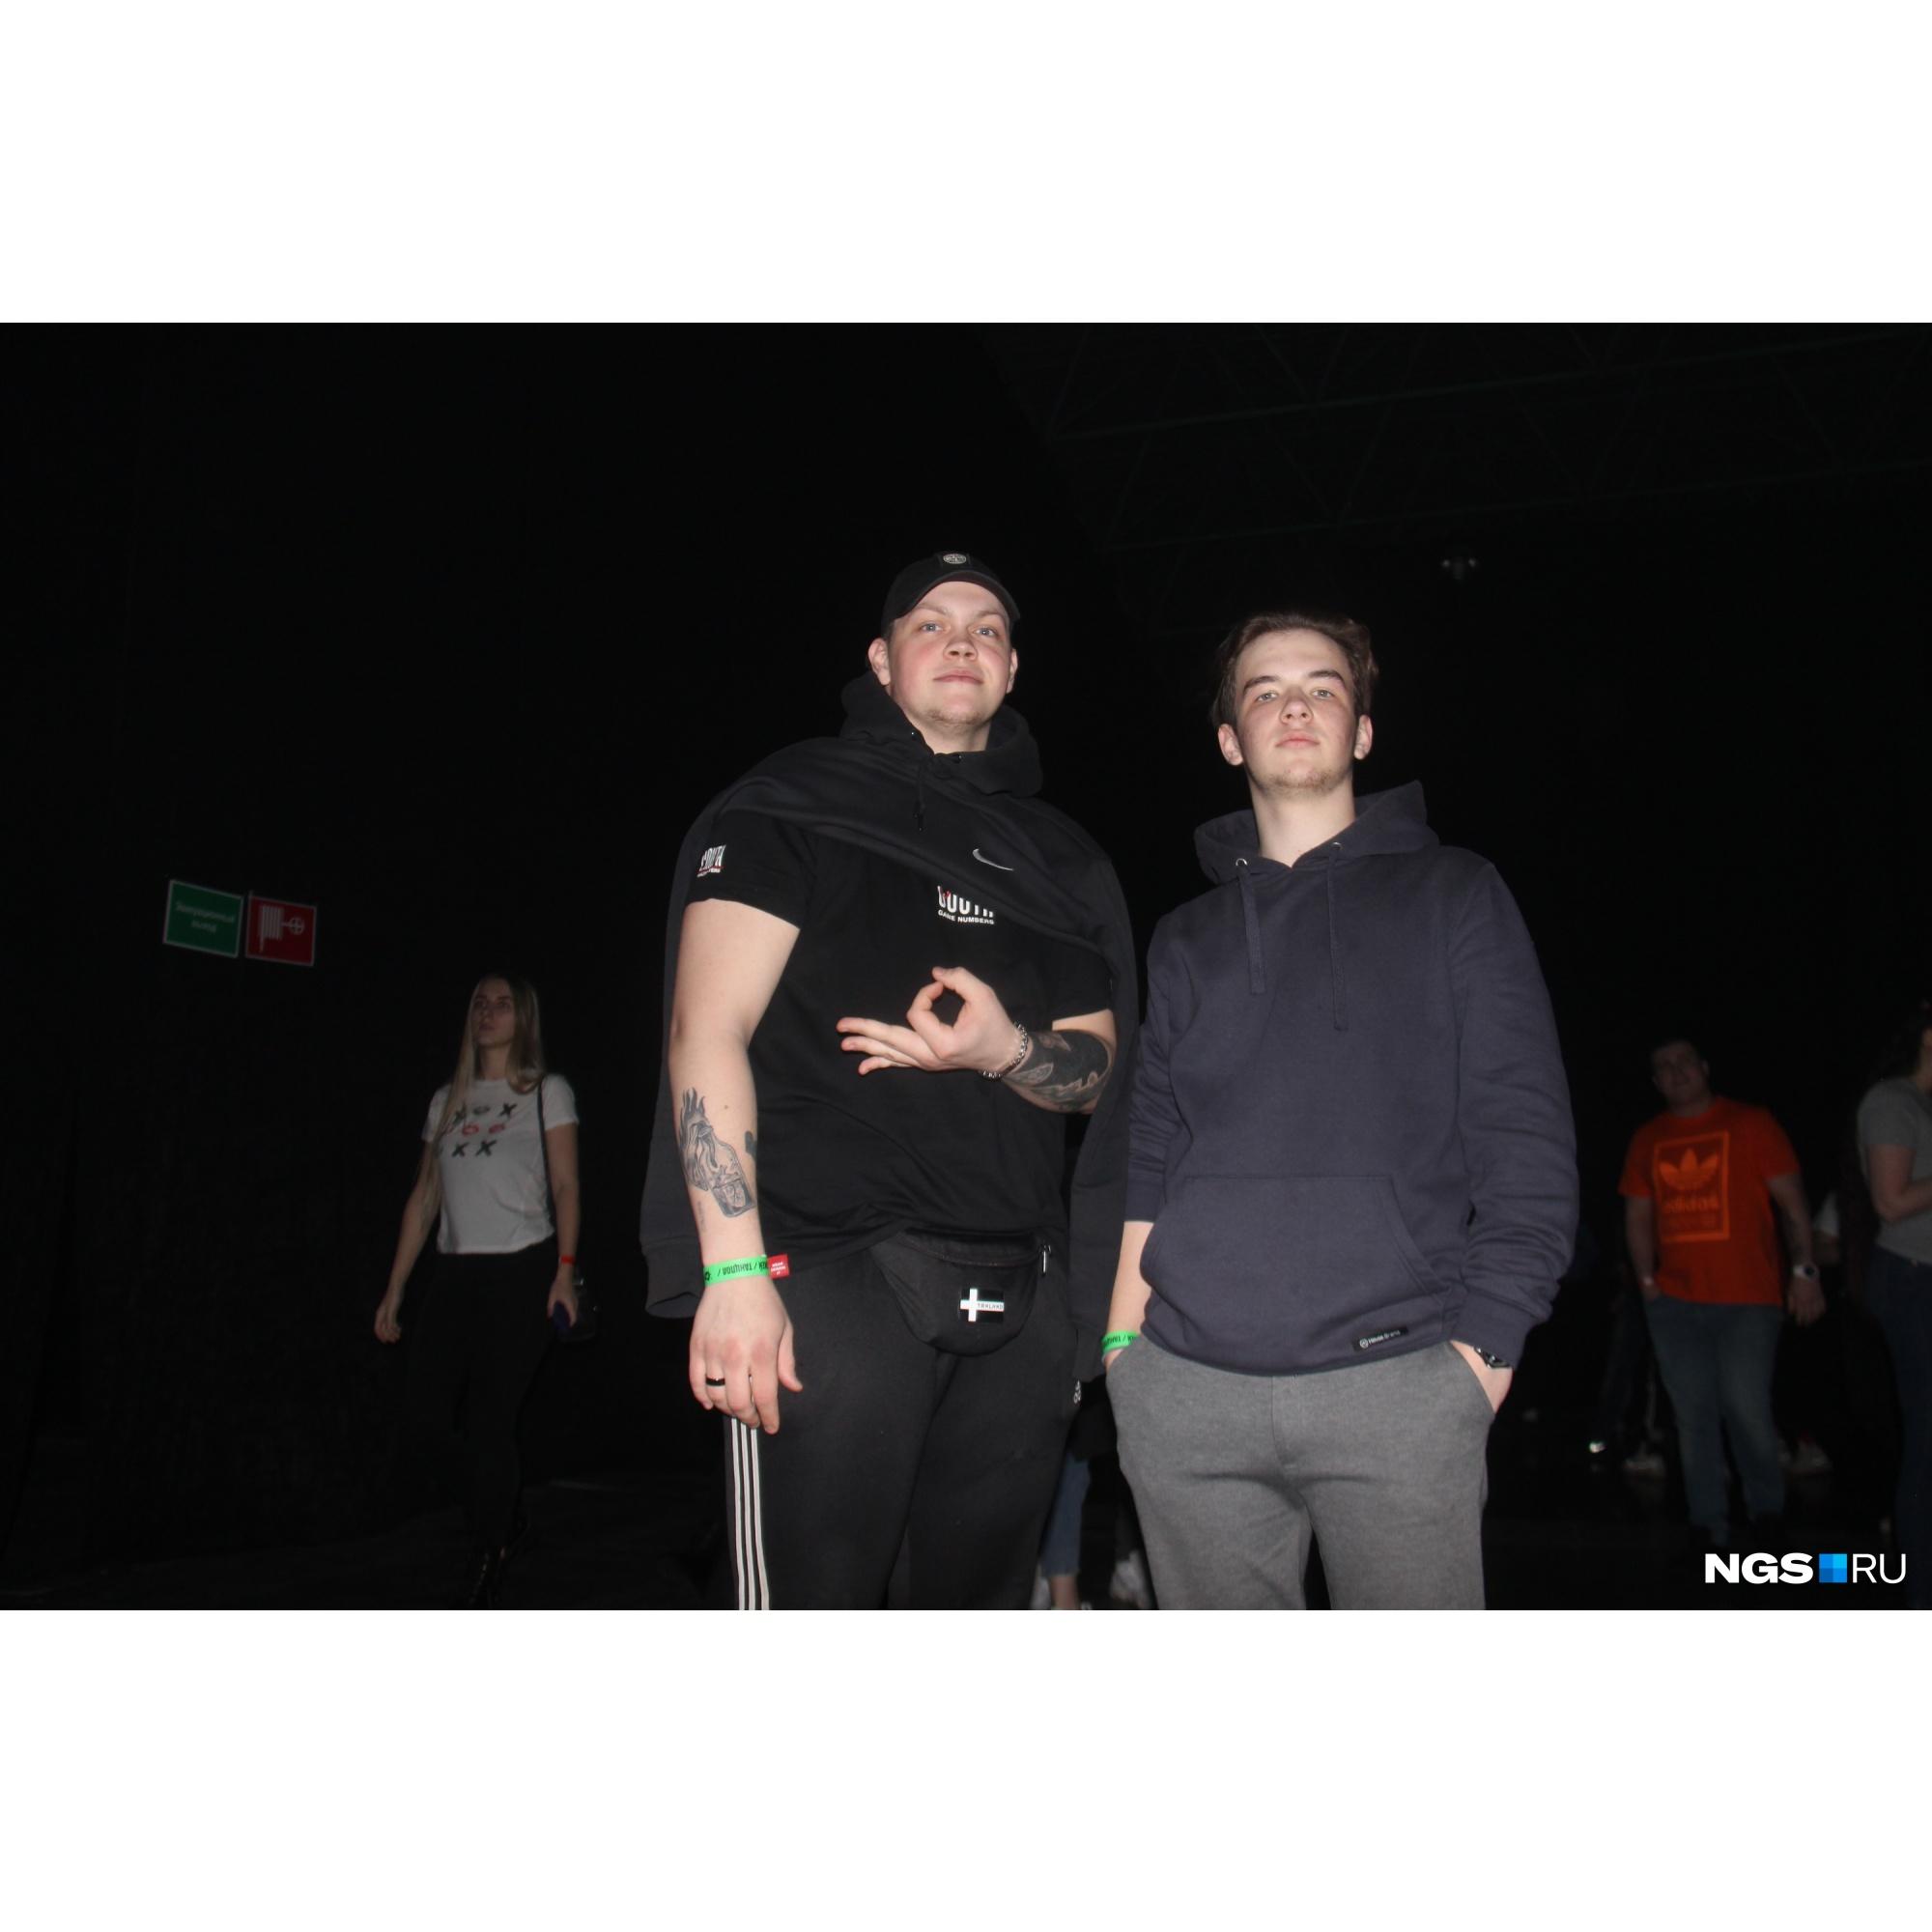 Сергей, 19 лет, и Илья, 20 лет